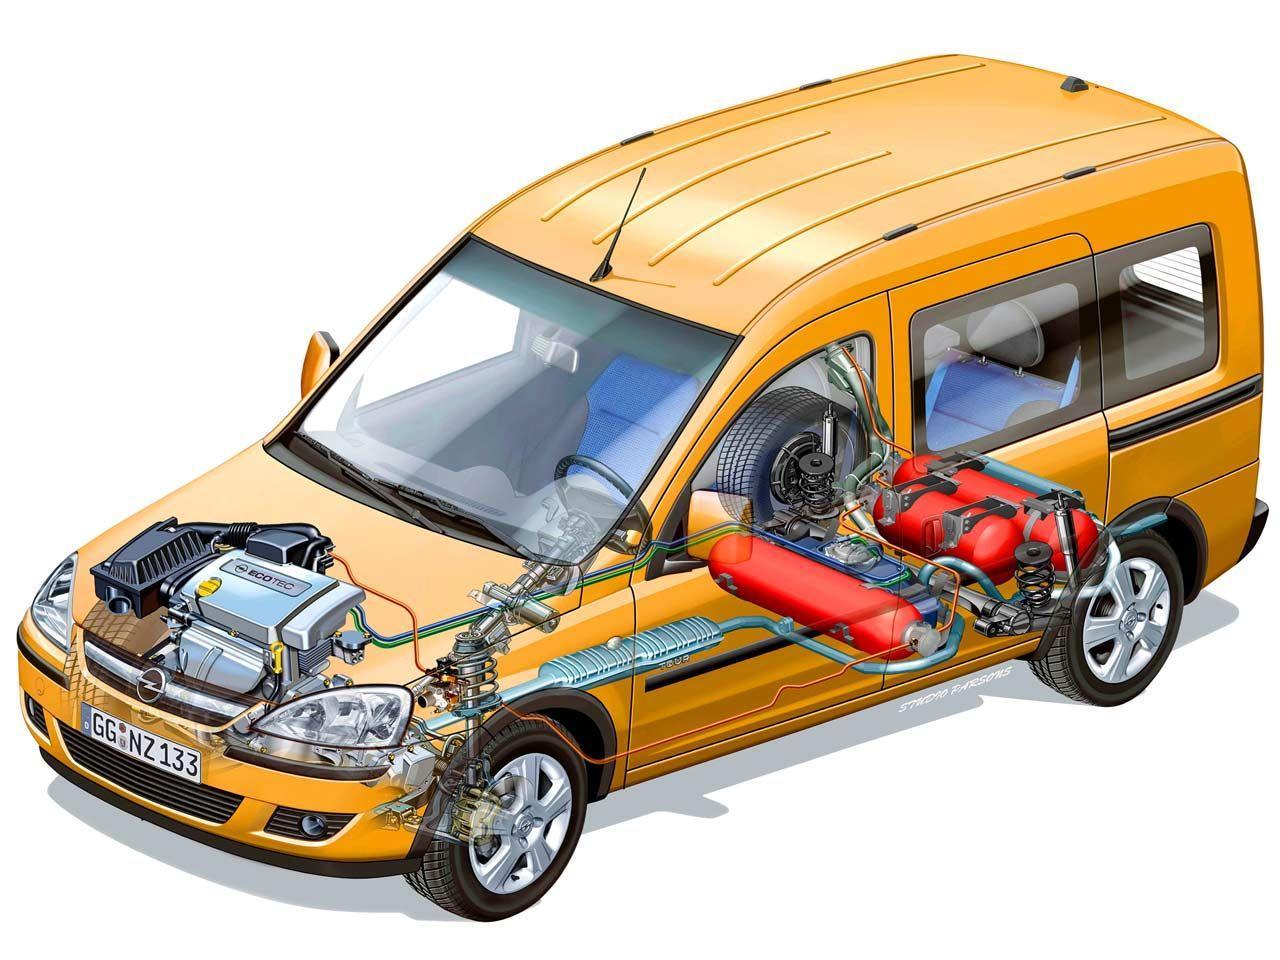 Как оформить переоборудование двигателя грузового автомобиля Его